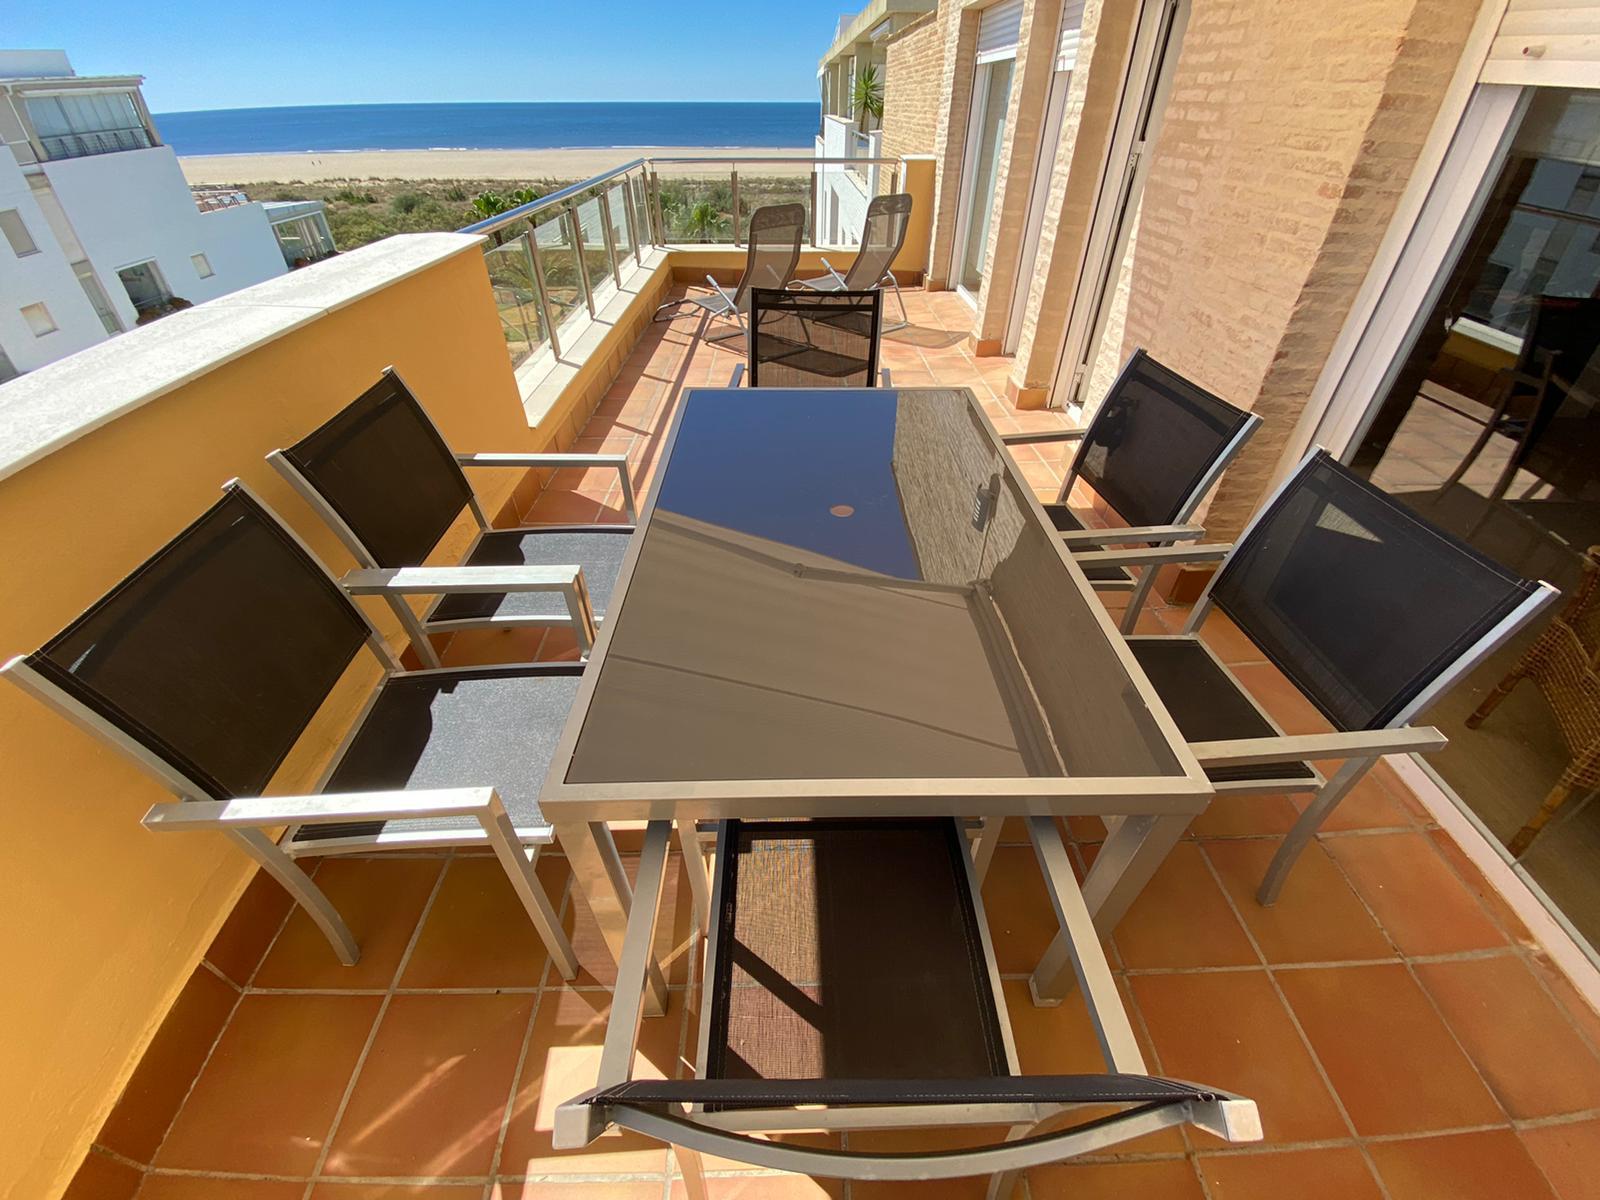 Imagen 32 del Apartamento Turístico, Ático 6 Poniente (3d+2b), Punta del Moral (HUELVA), Paseo de la Cruz nº22